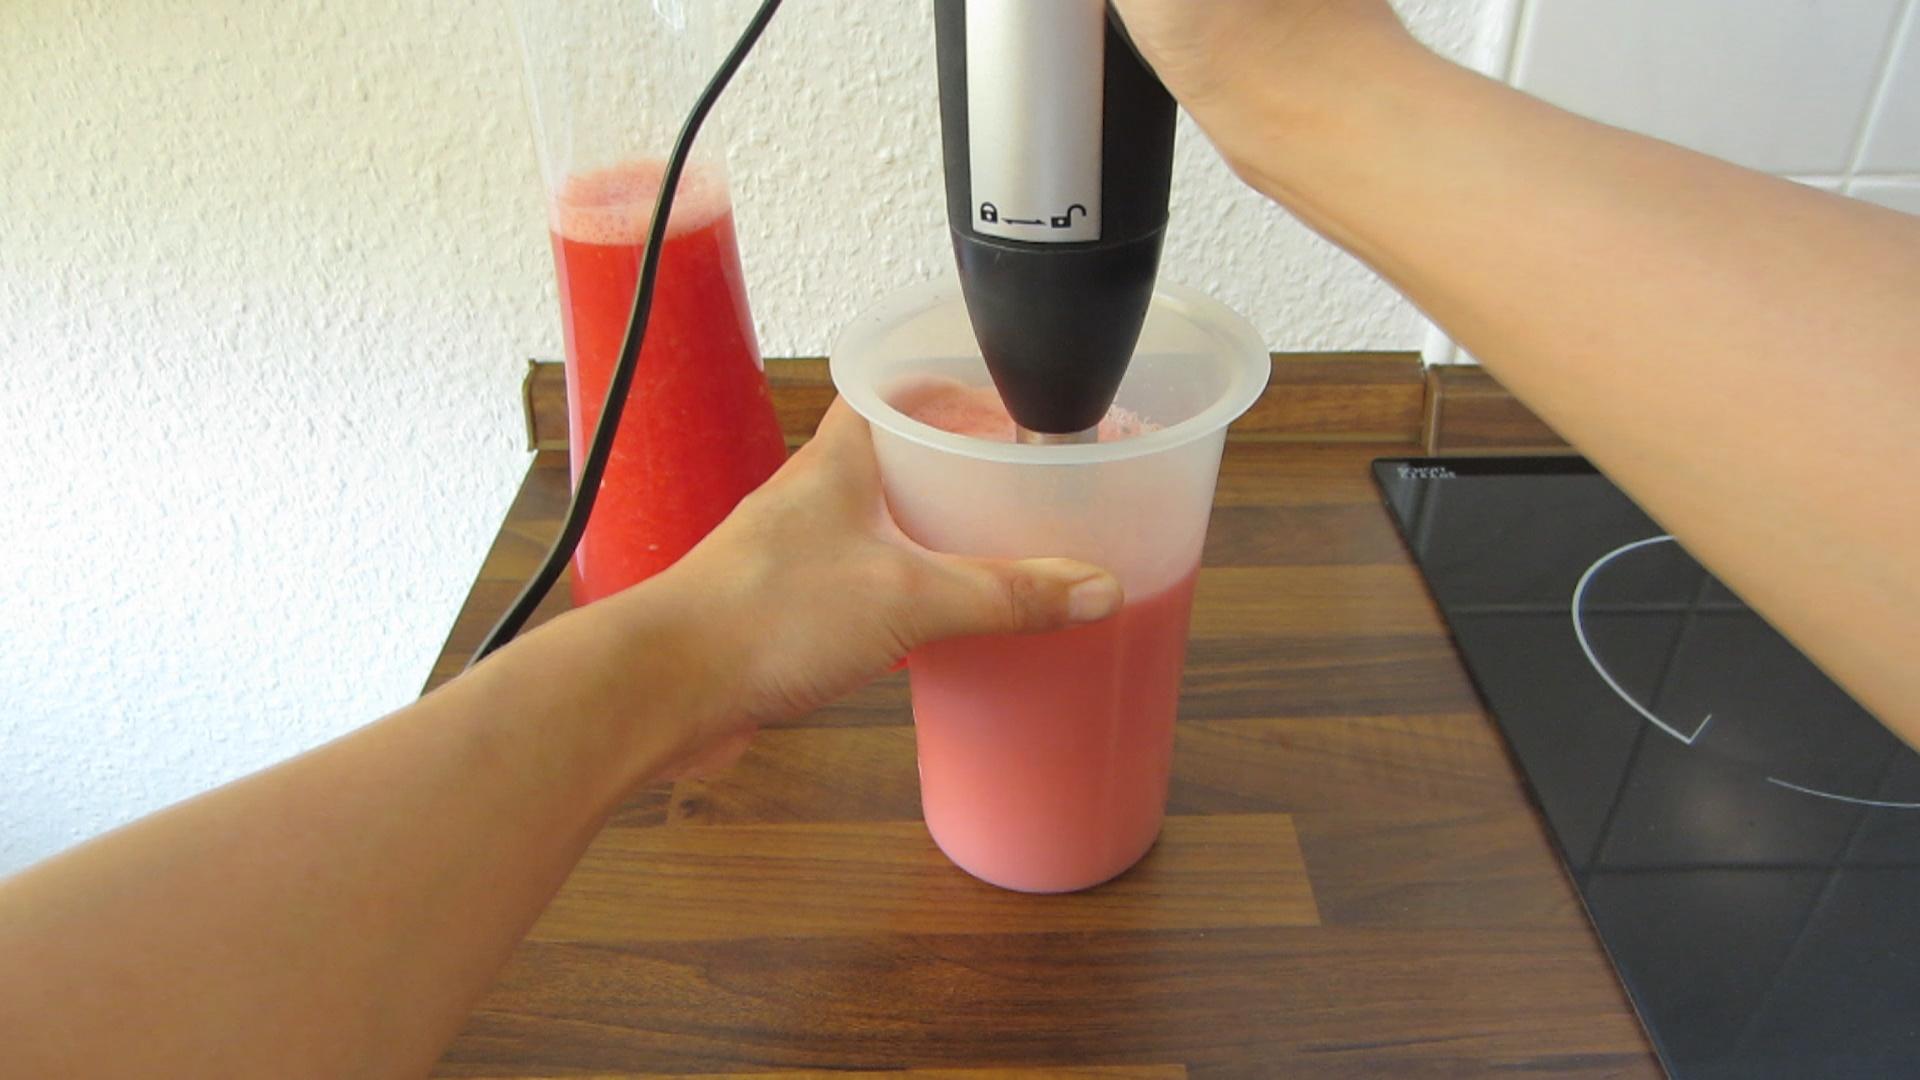 2014-07-18-Wassermelonen-Getränk-29.jpg